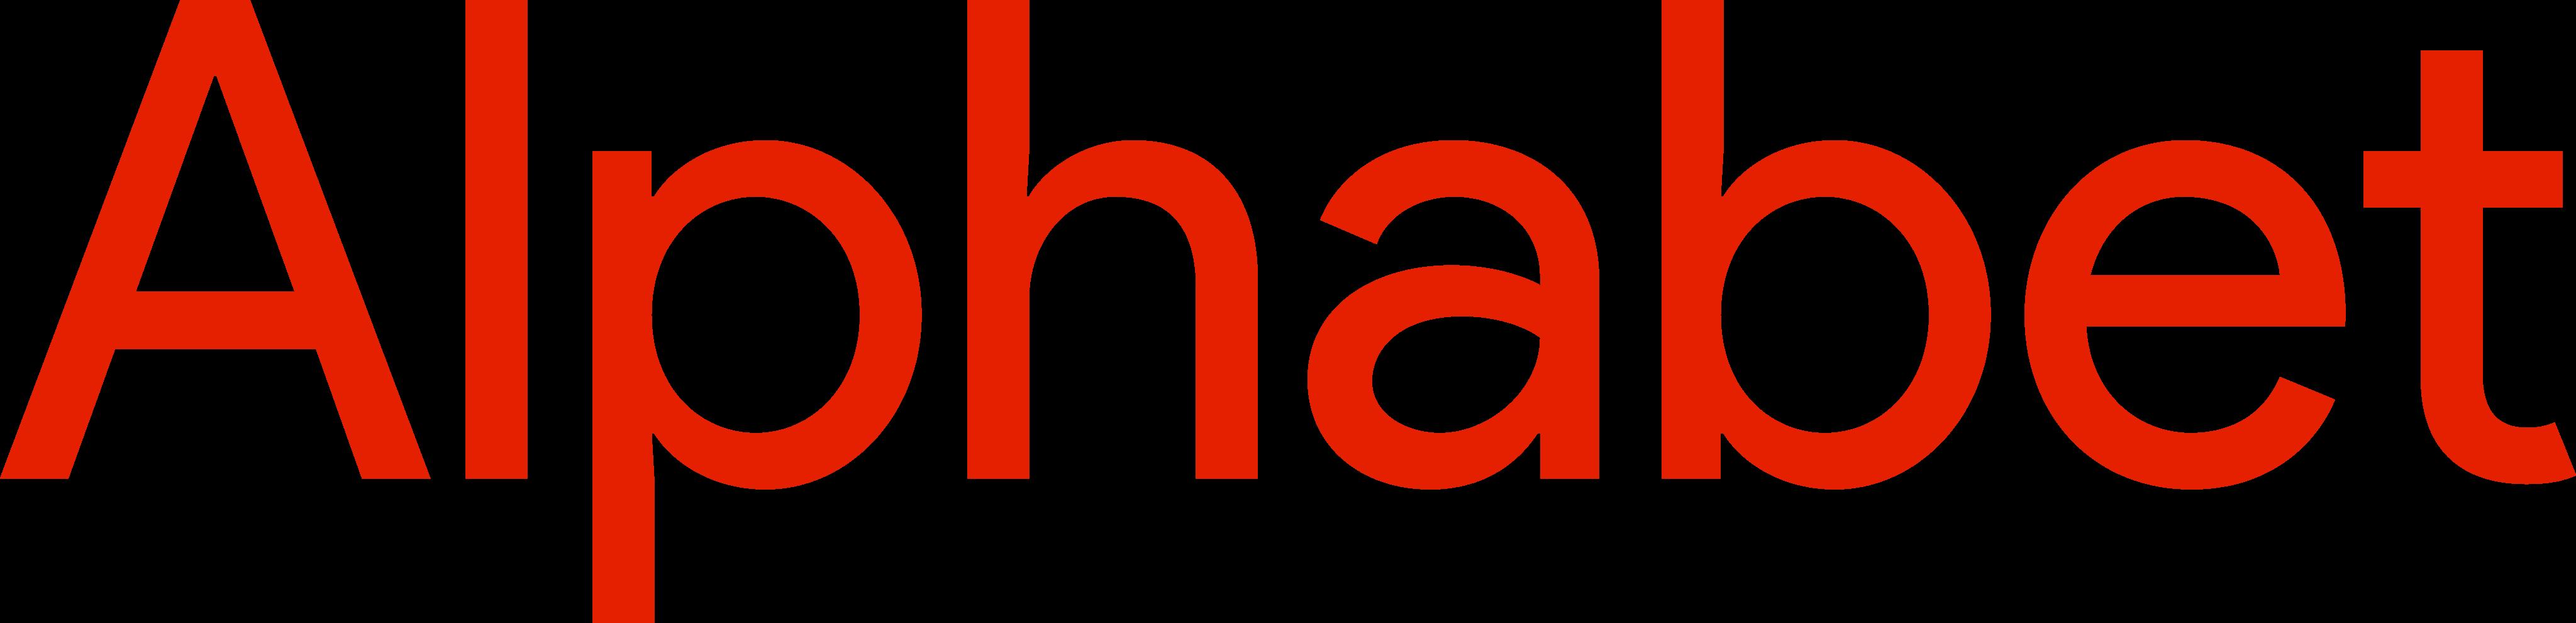 Alphabet Logo.